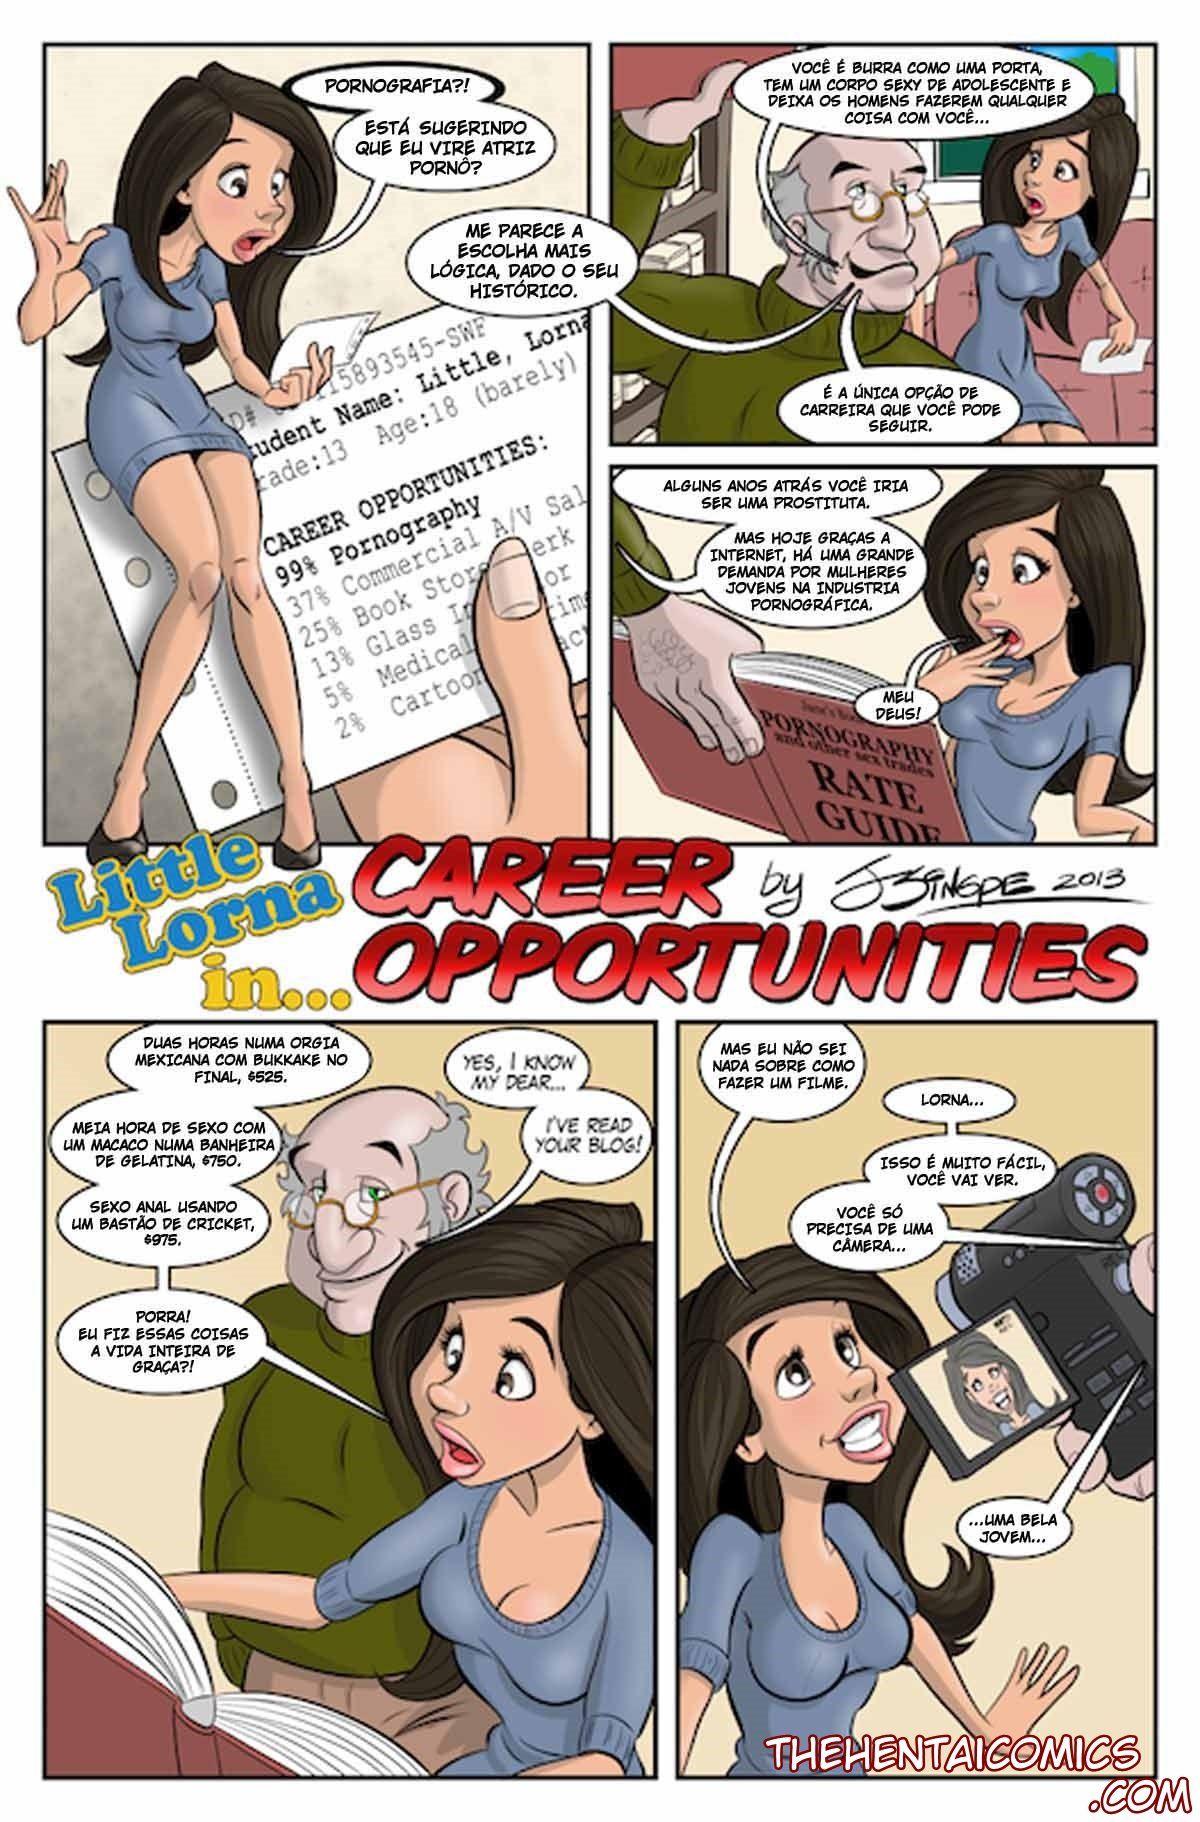 As aventuras da pequena Lorna - Quadrinhos de Sexo